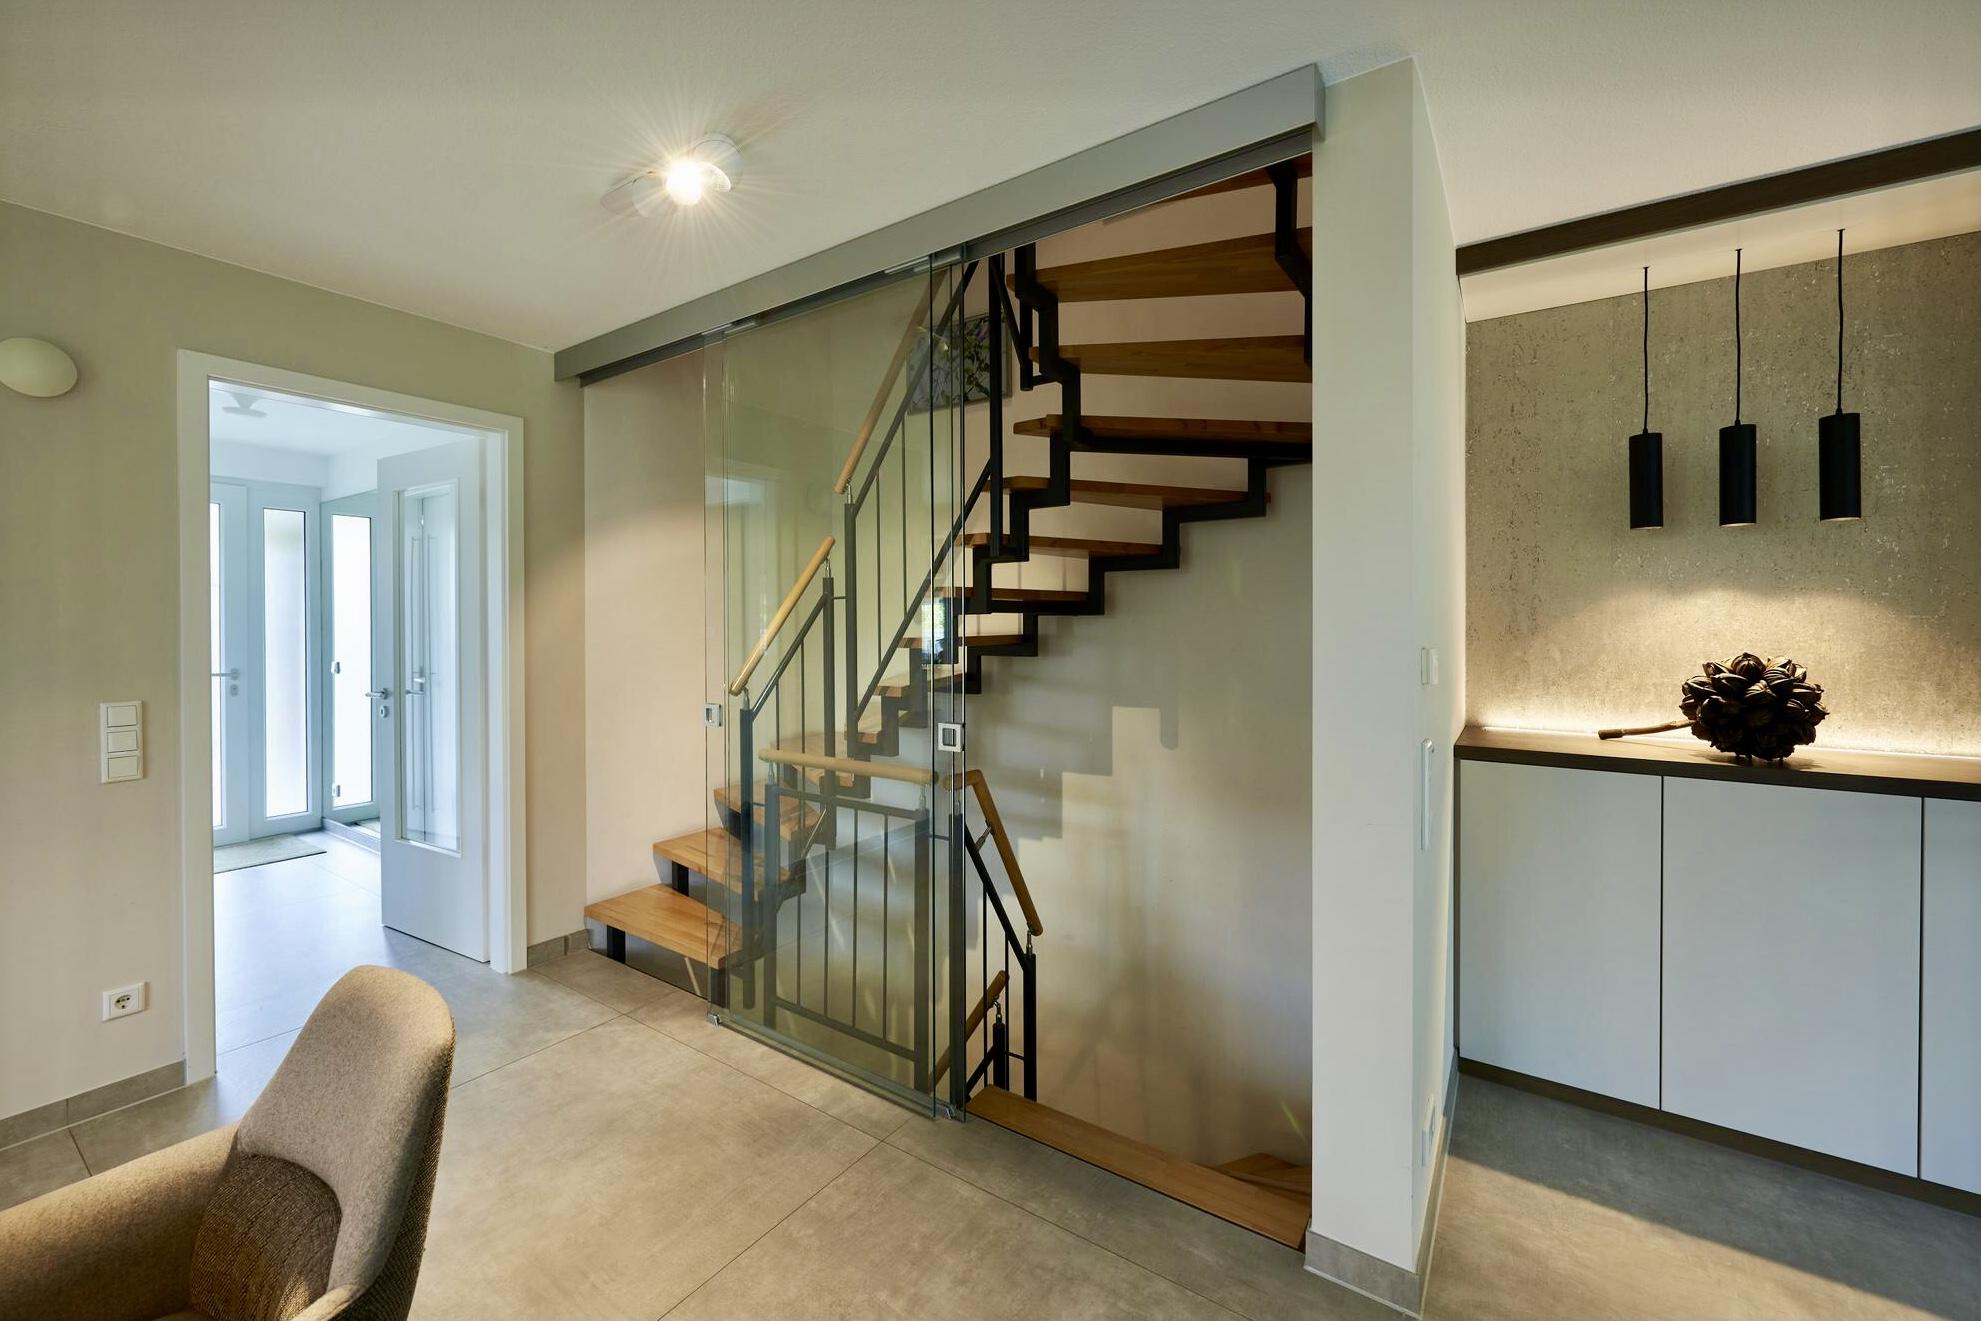 www.ideenraumgeben.de-renovierung-eines-wohnraums-mit-effektfeuer-afc423f3-e45a-44fe-b605-fdf6065a6aa5